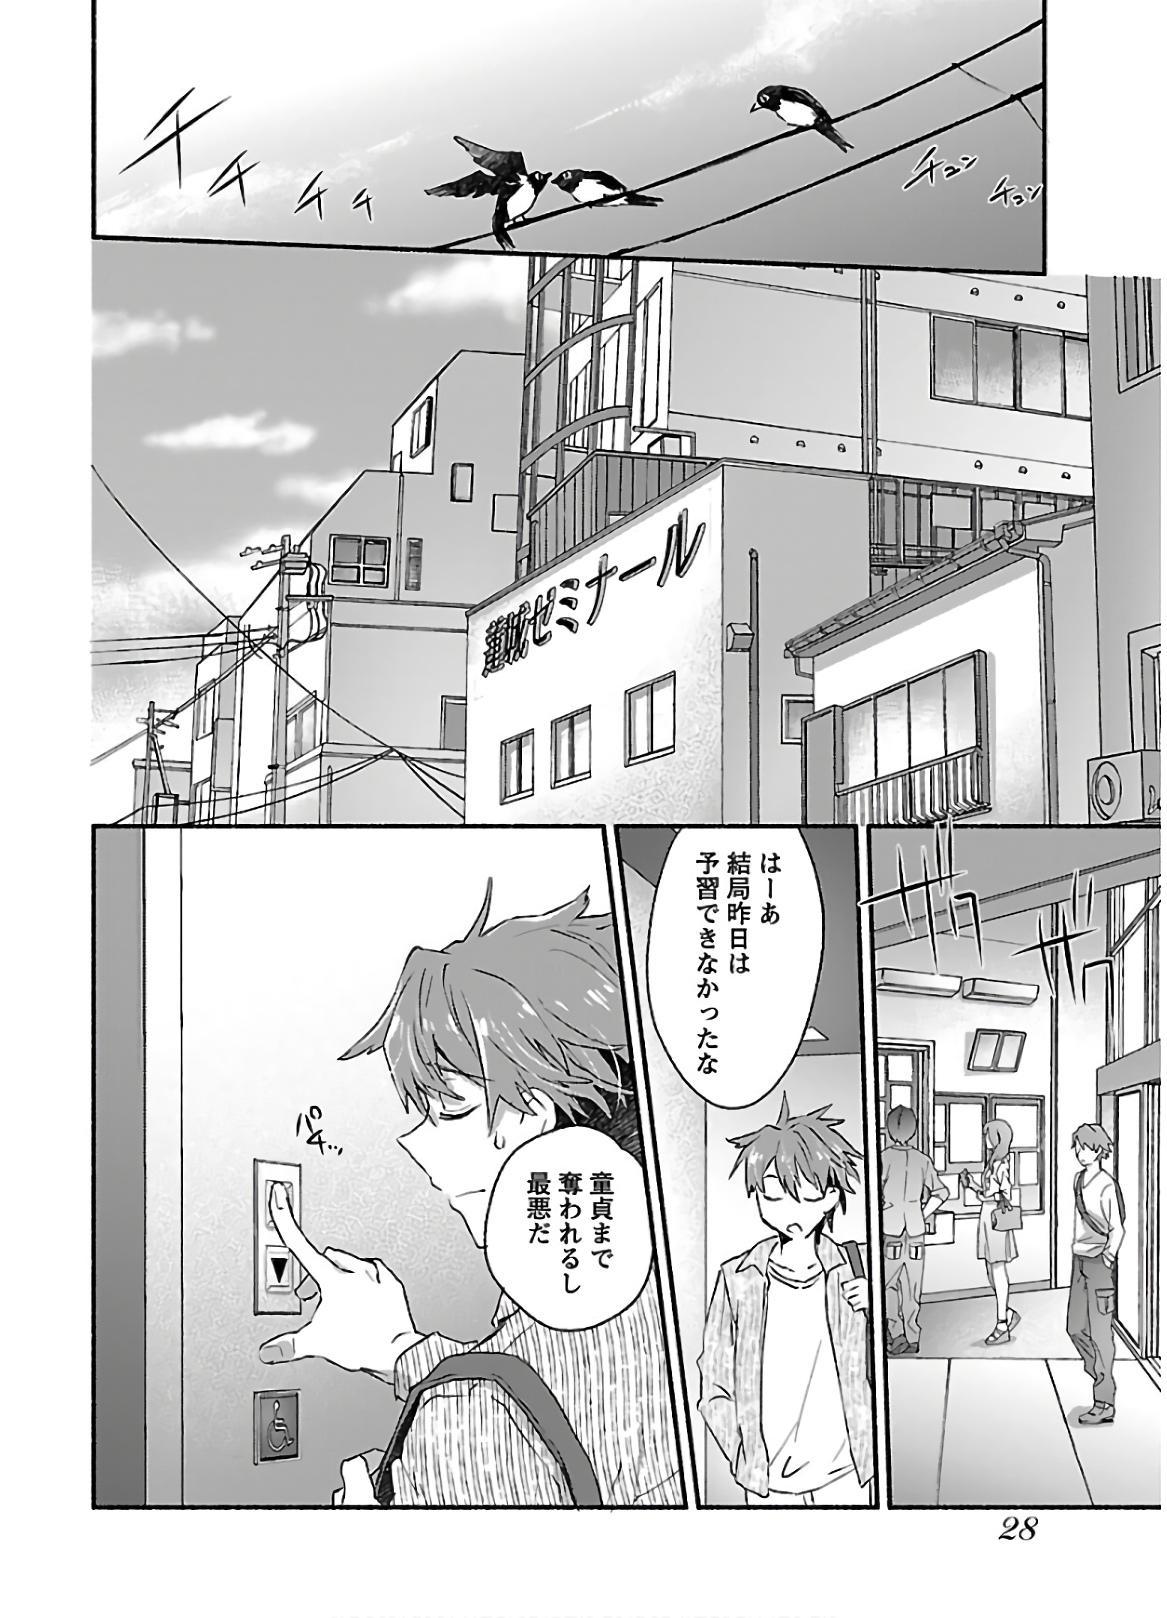 Yankii musume ni natsukarete kotoshi mo juken ni shippai shisou desu  vol.1 29